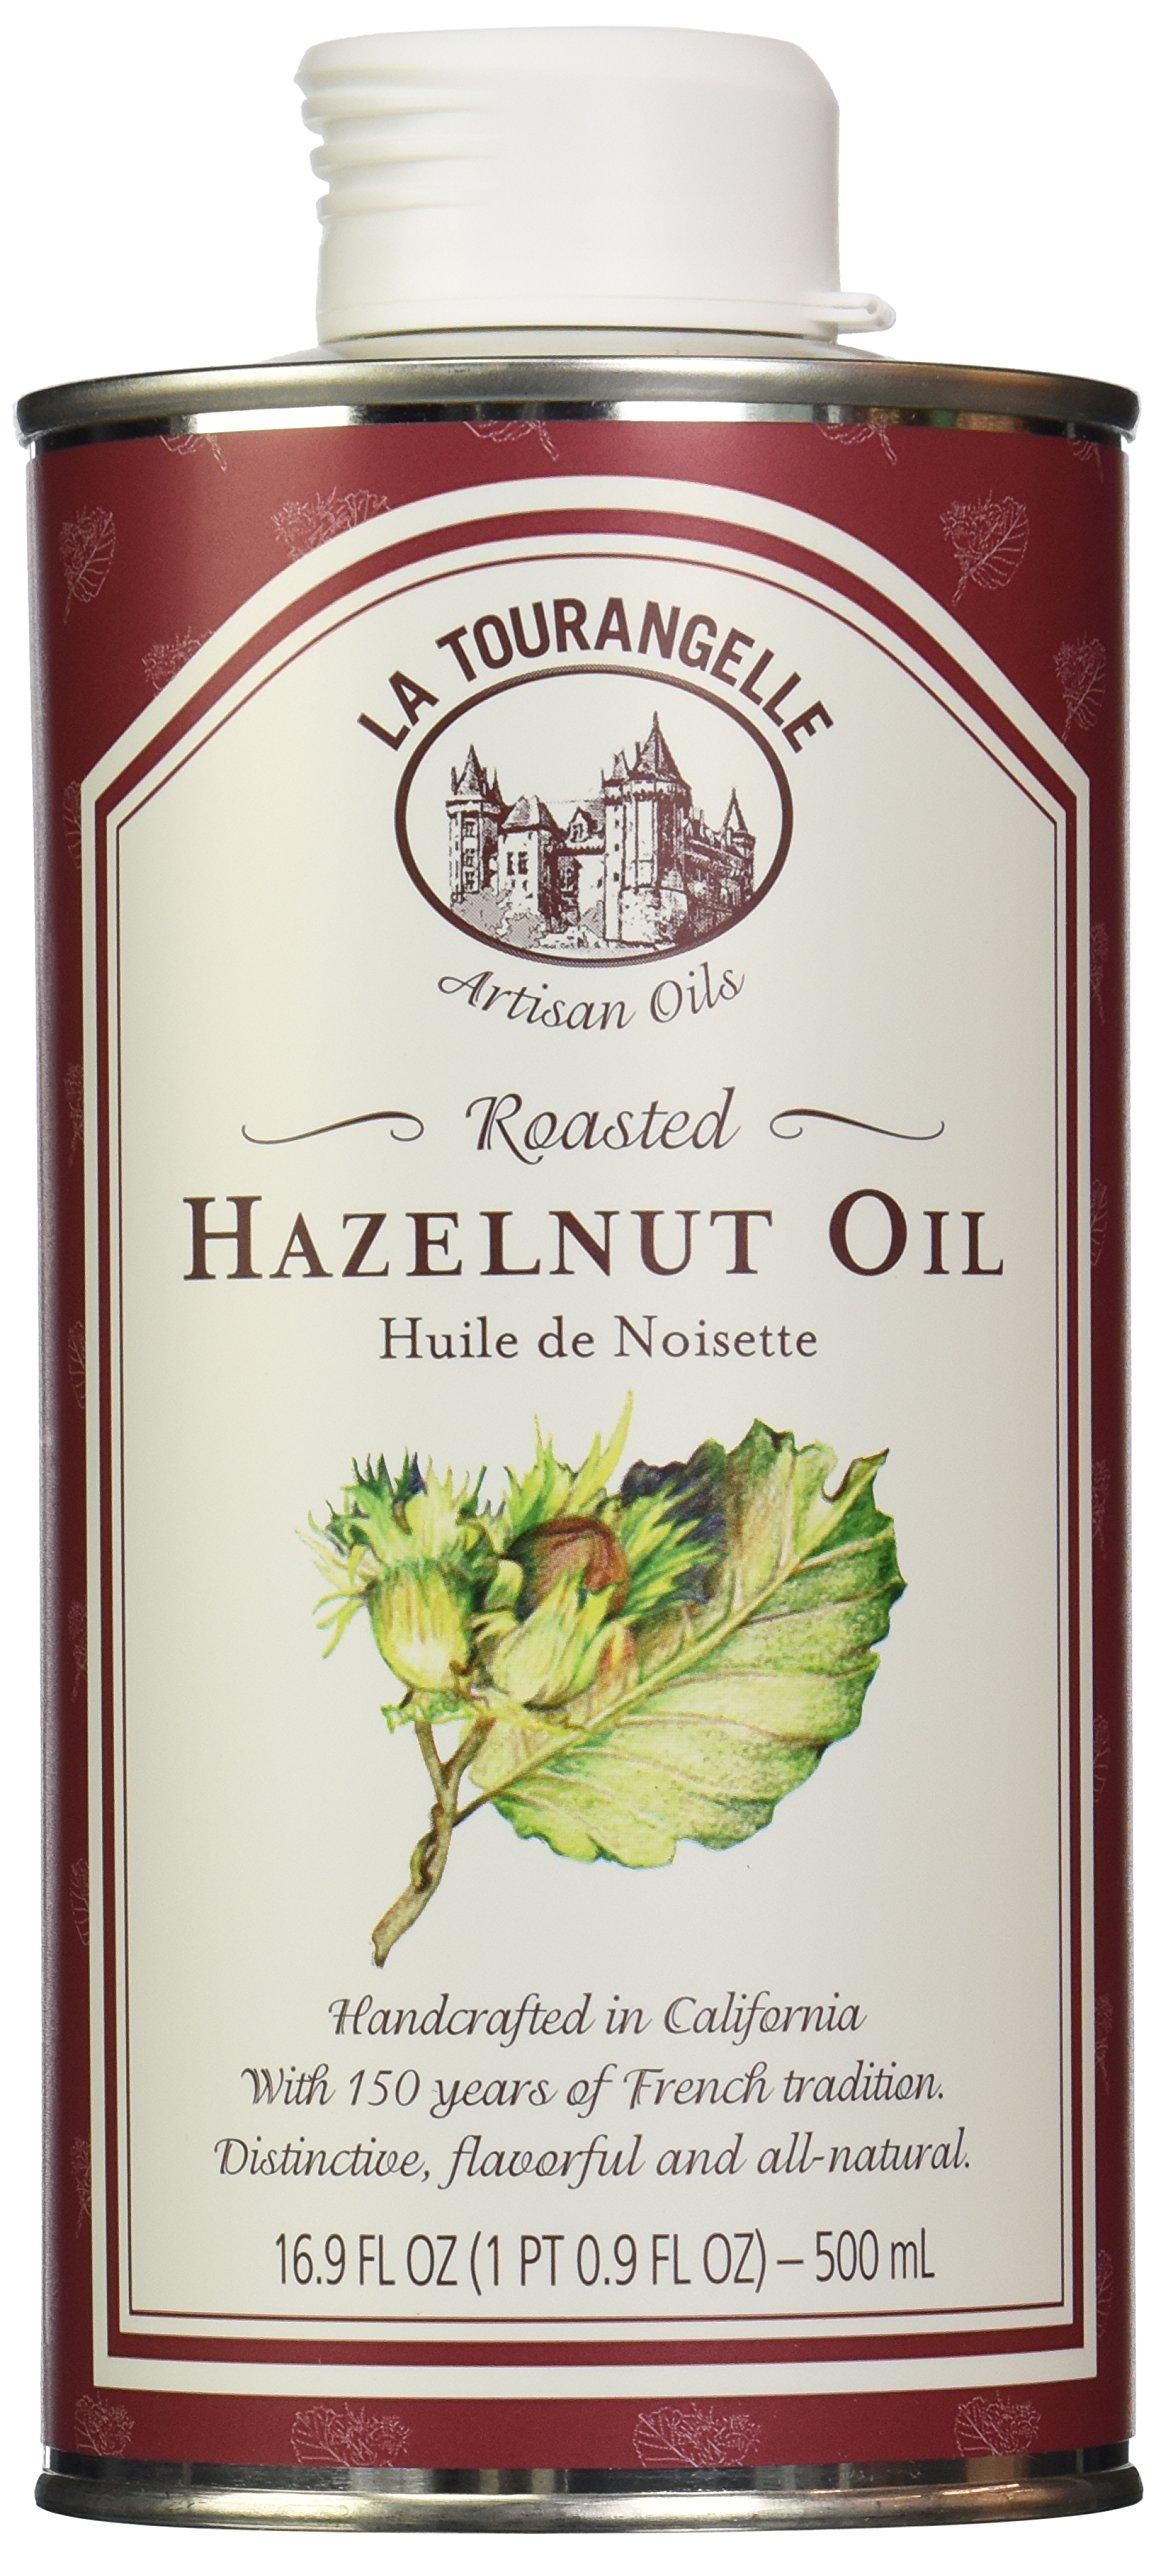 La Tourangelle, Roasted Hazelnut Oil, 16.9 Fluid Ounce